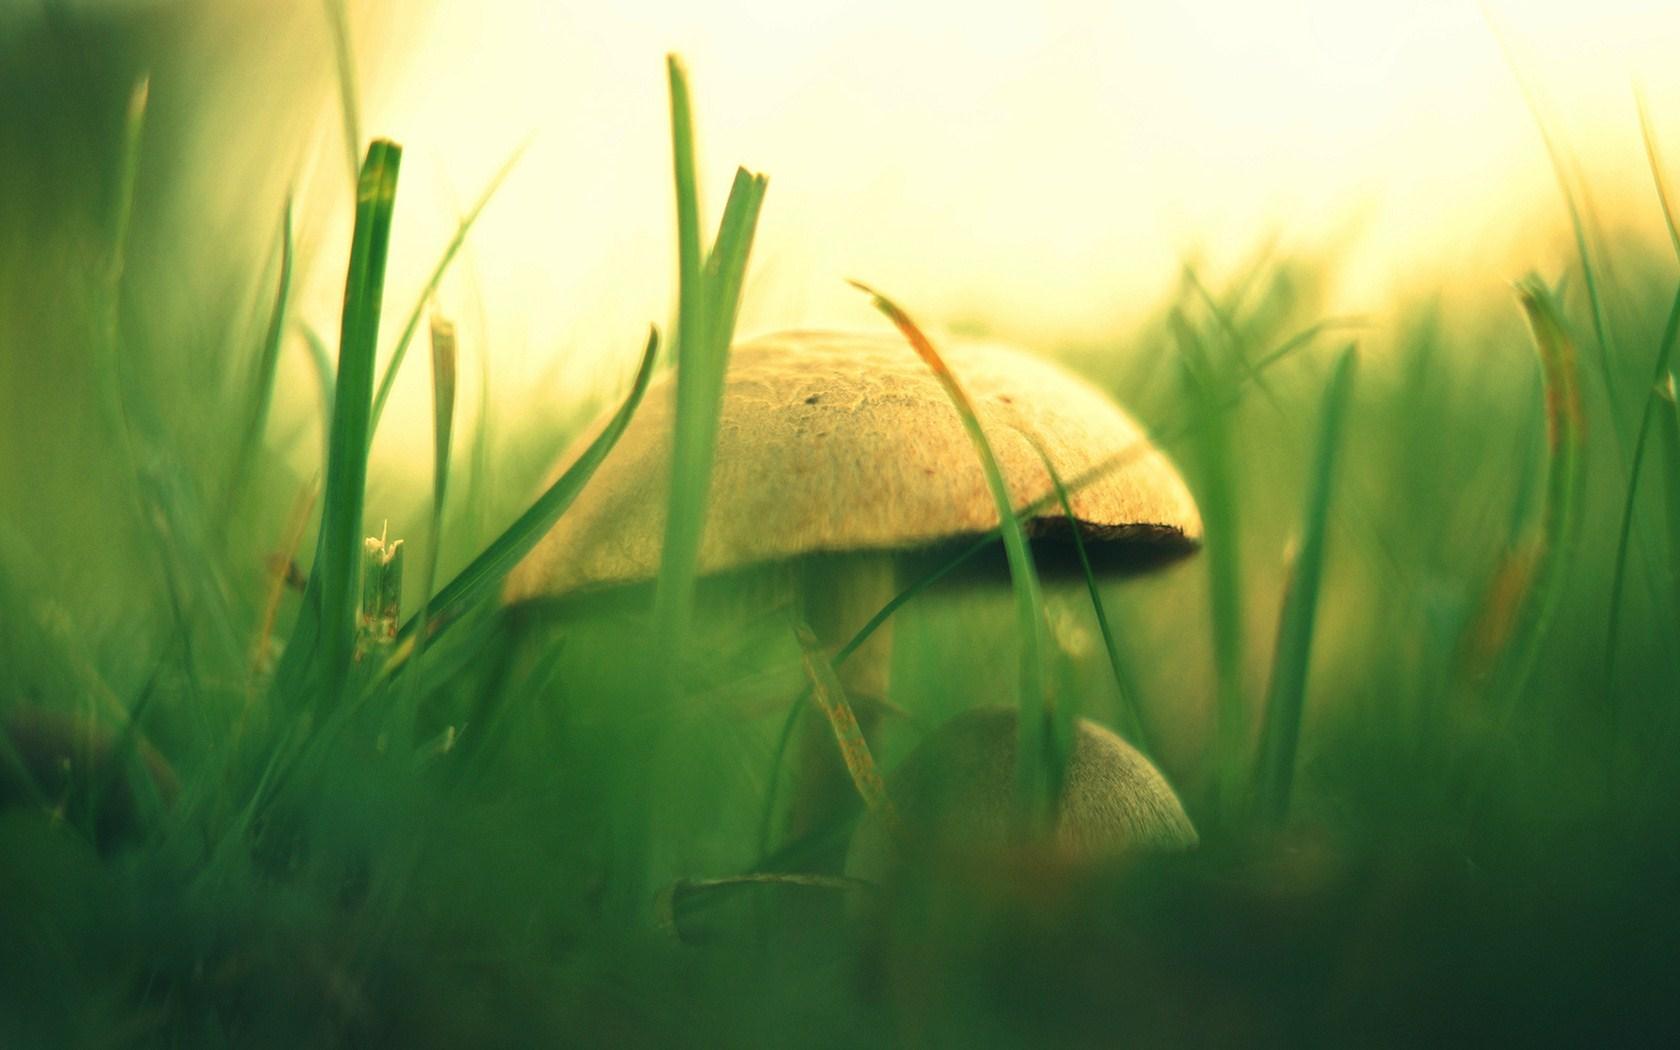 grass wallpaper mushroom